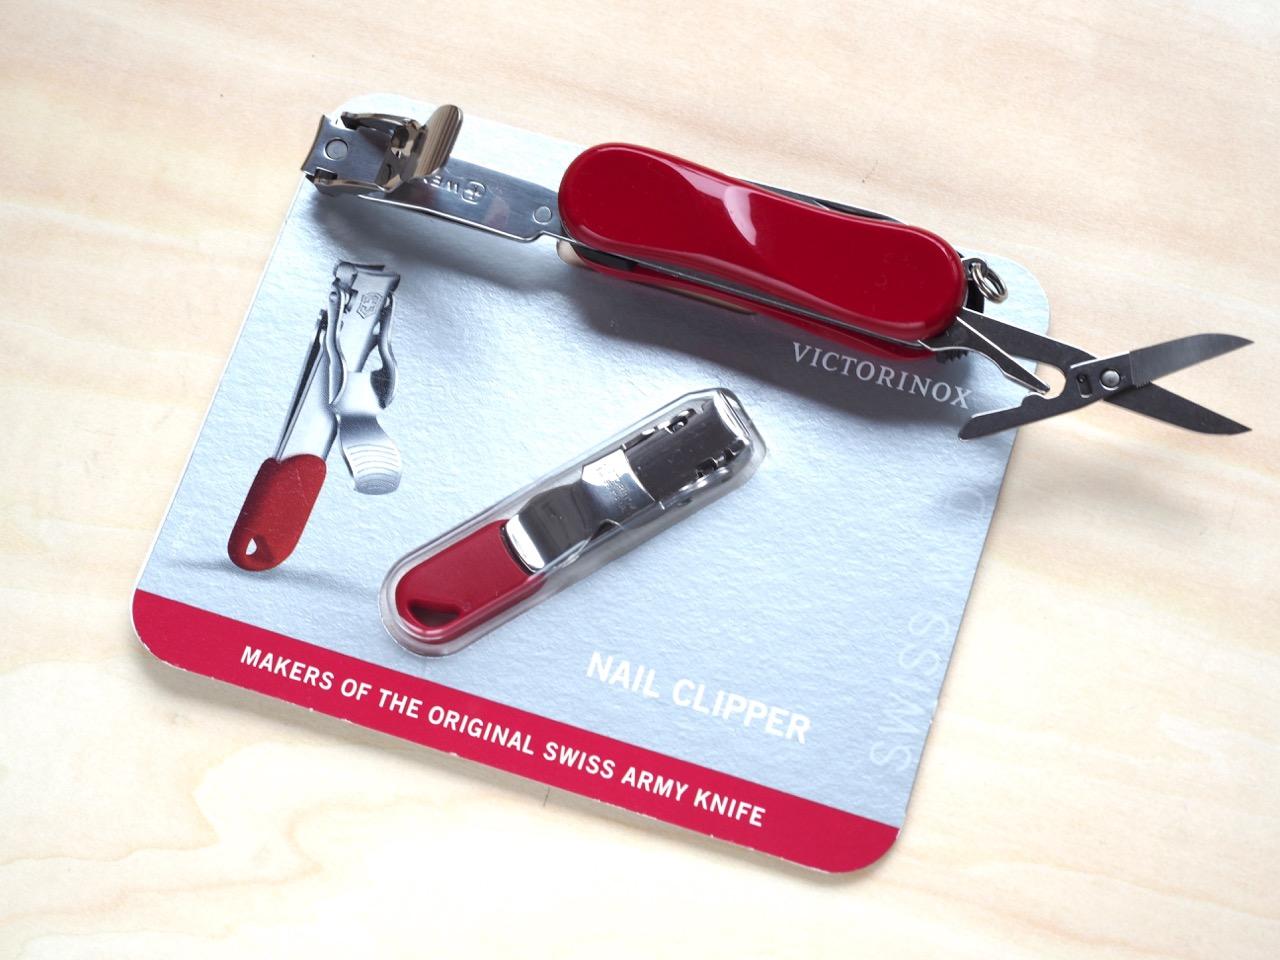 スイスアーミーナイフの爪切り